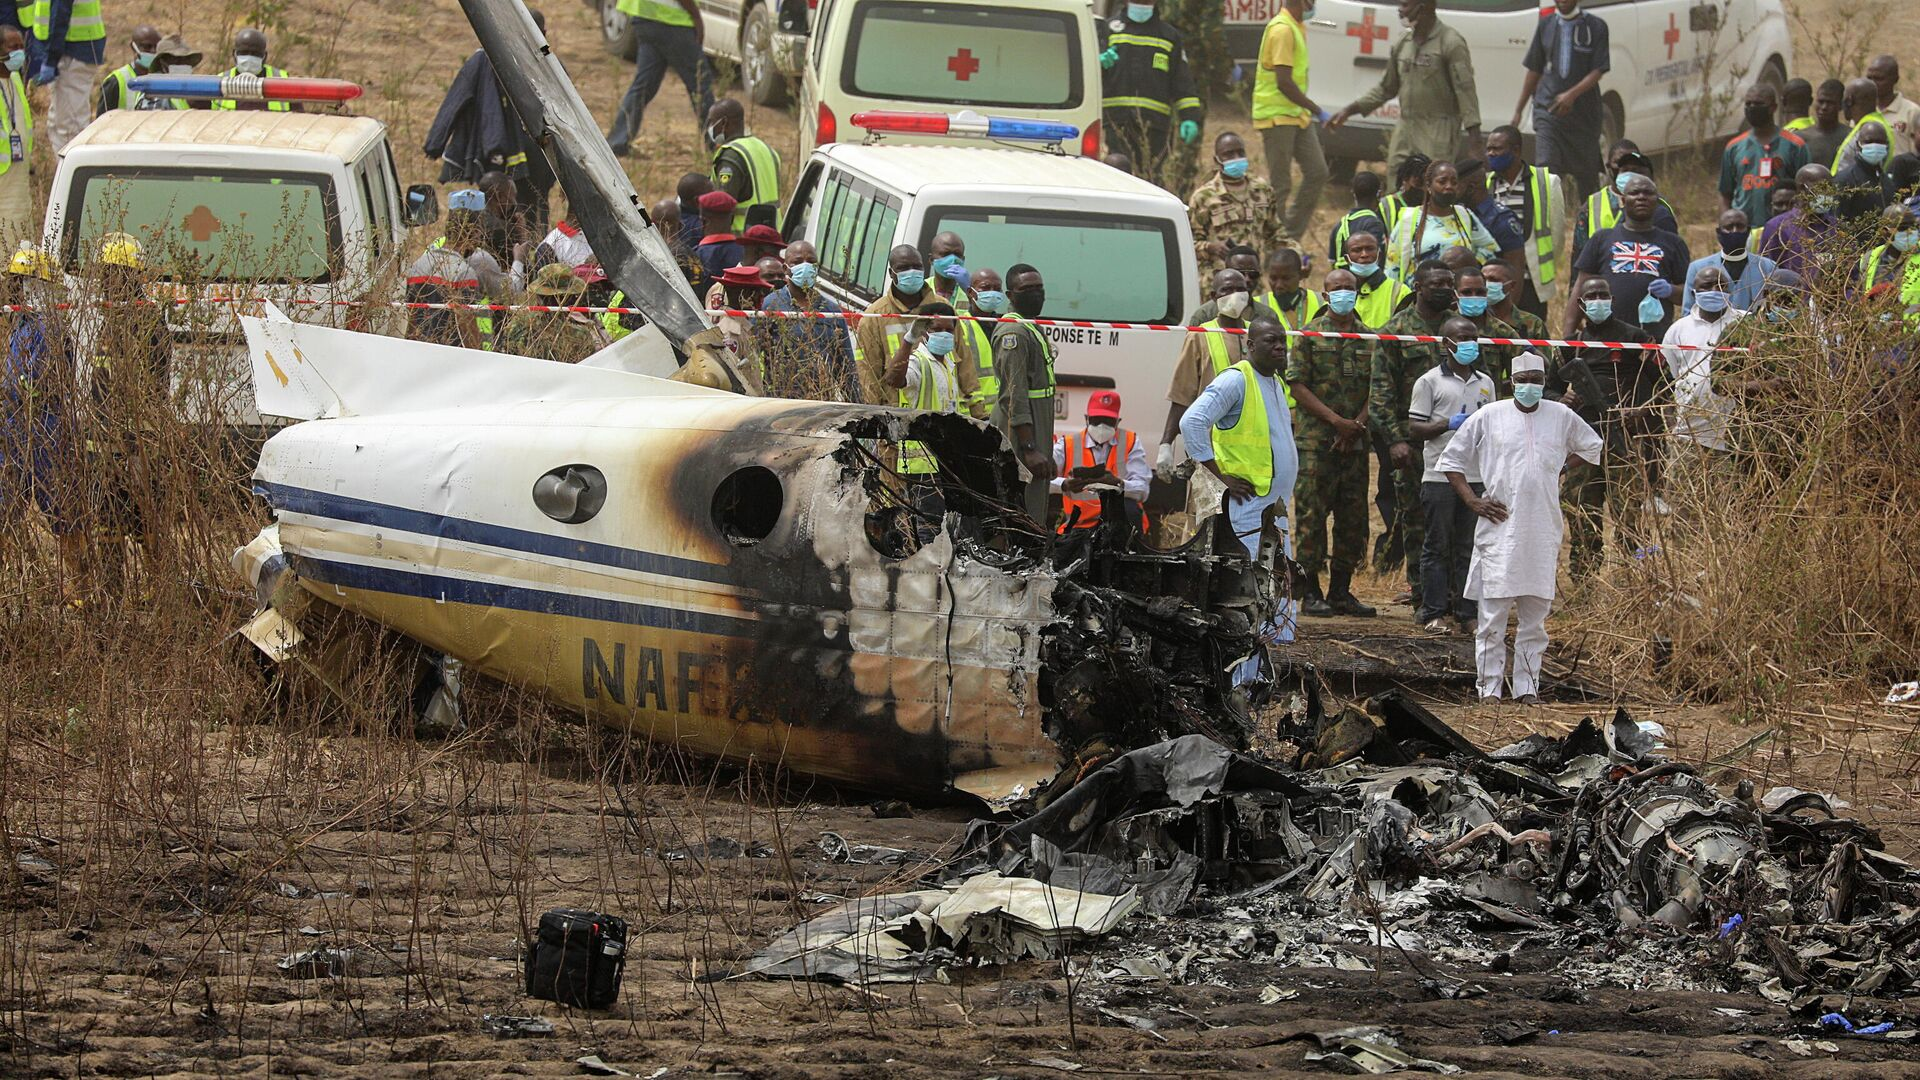 На месте крушения военного самолета в Абудже, Нигерия - РИА Новости, 1920, 21.02.2021